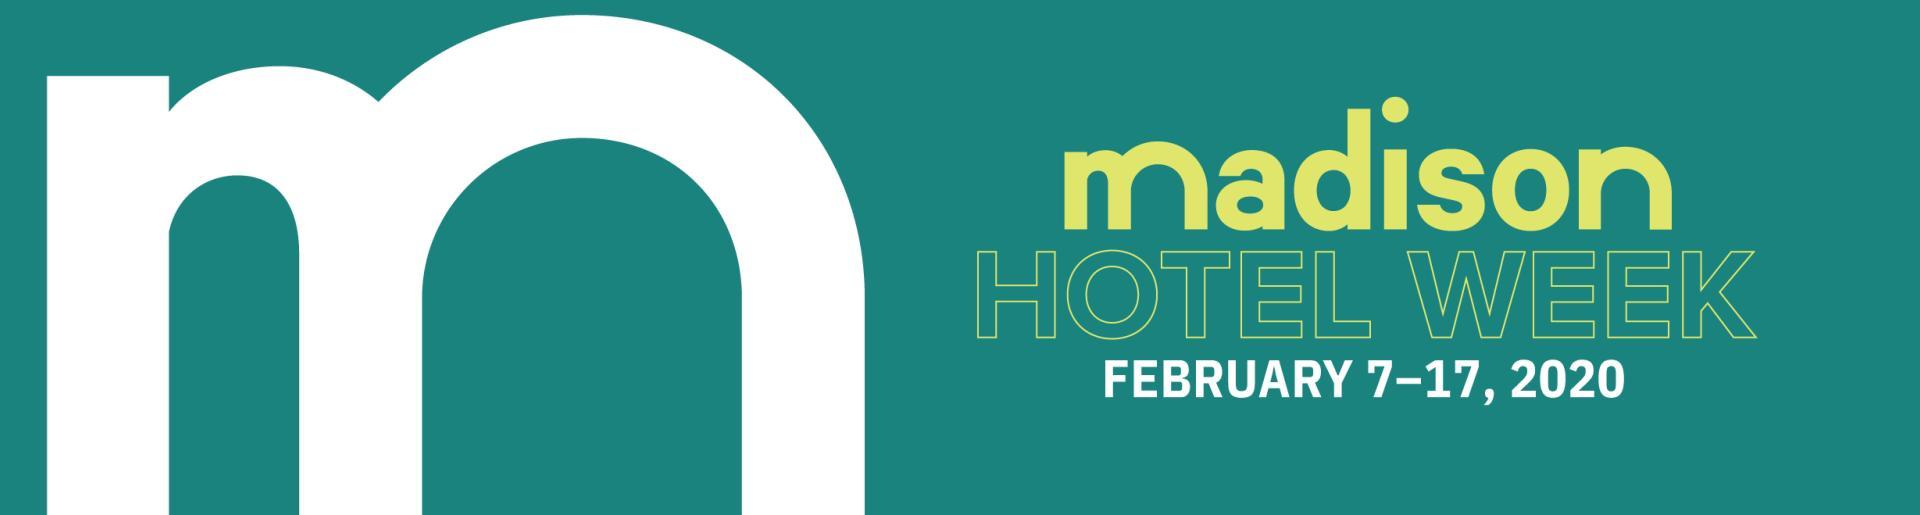 Madison Hotel Week 2020